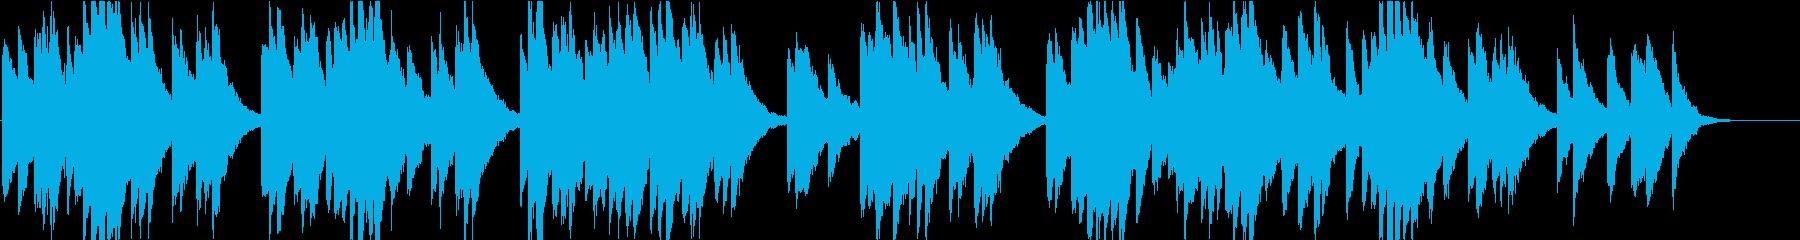 時報・チャイム風の名曲のメロディ・16の再生済みの波形